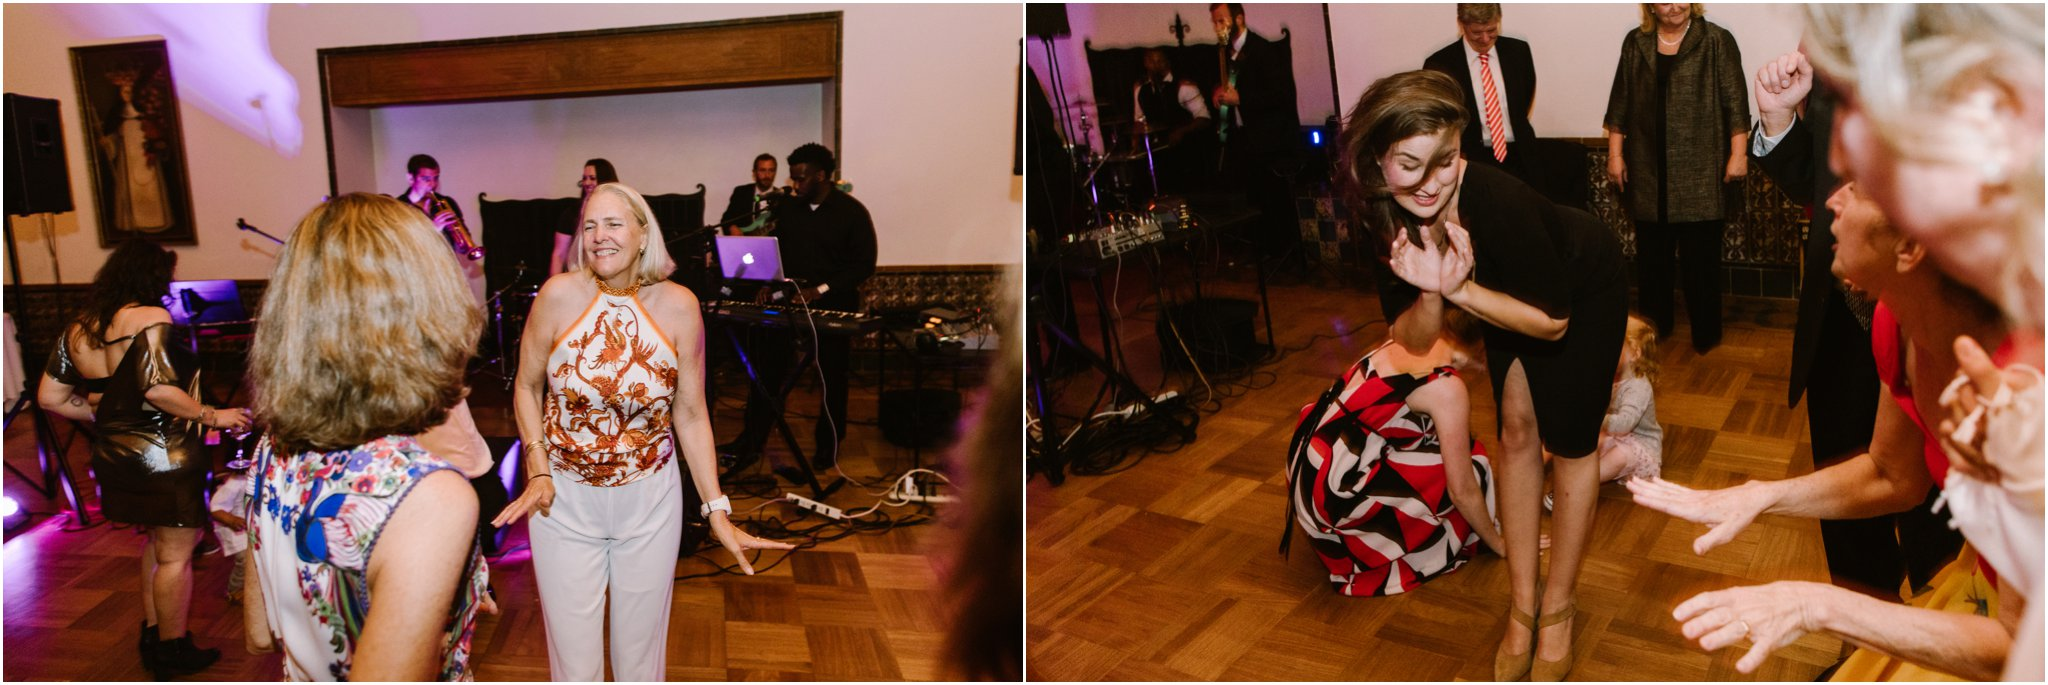 0305Los Poblanos Weddings Blue Rose Photography Studios